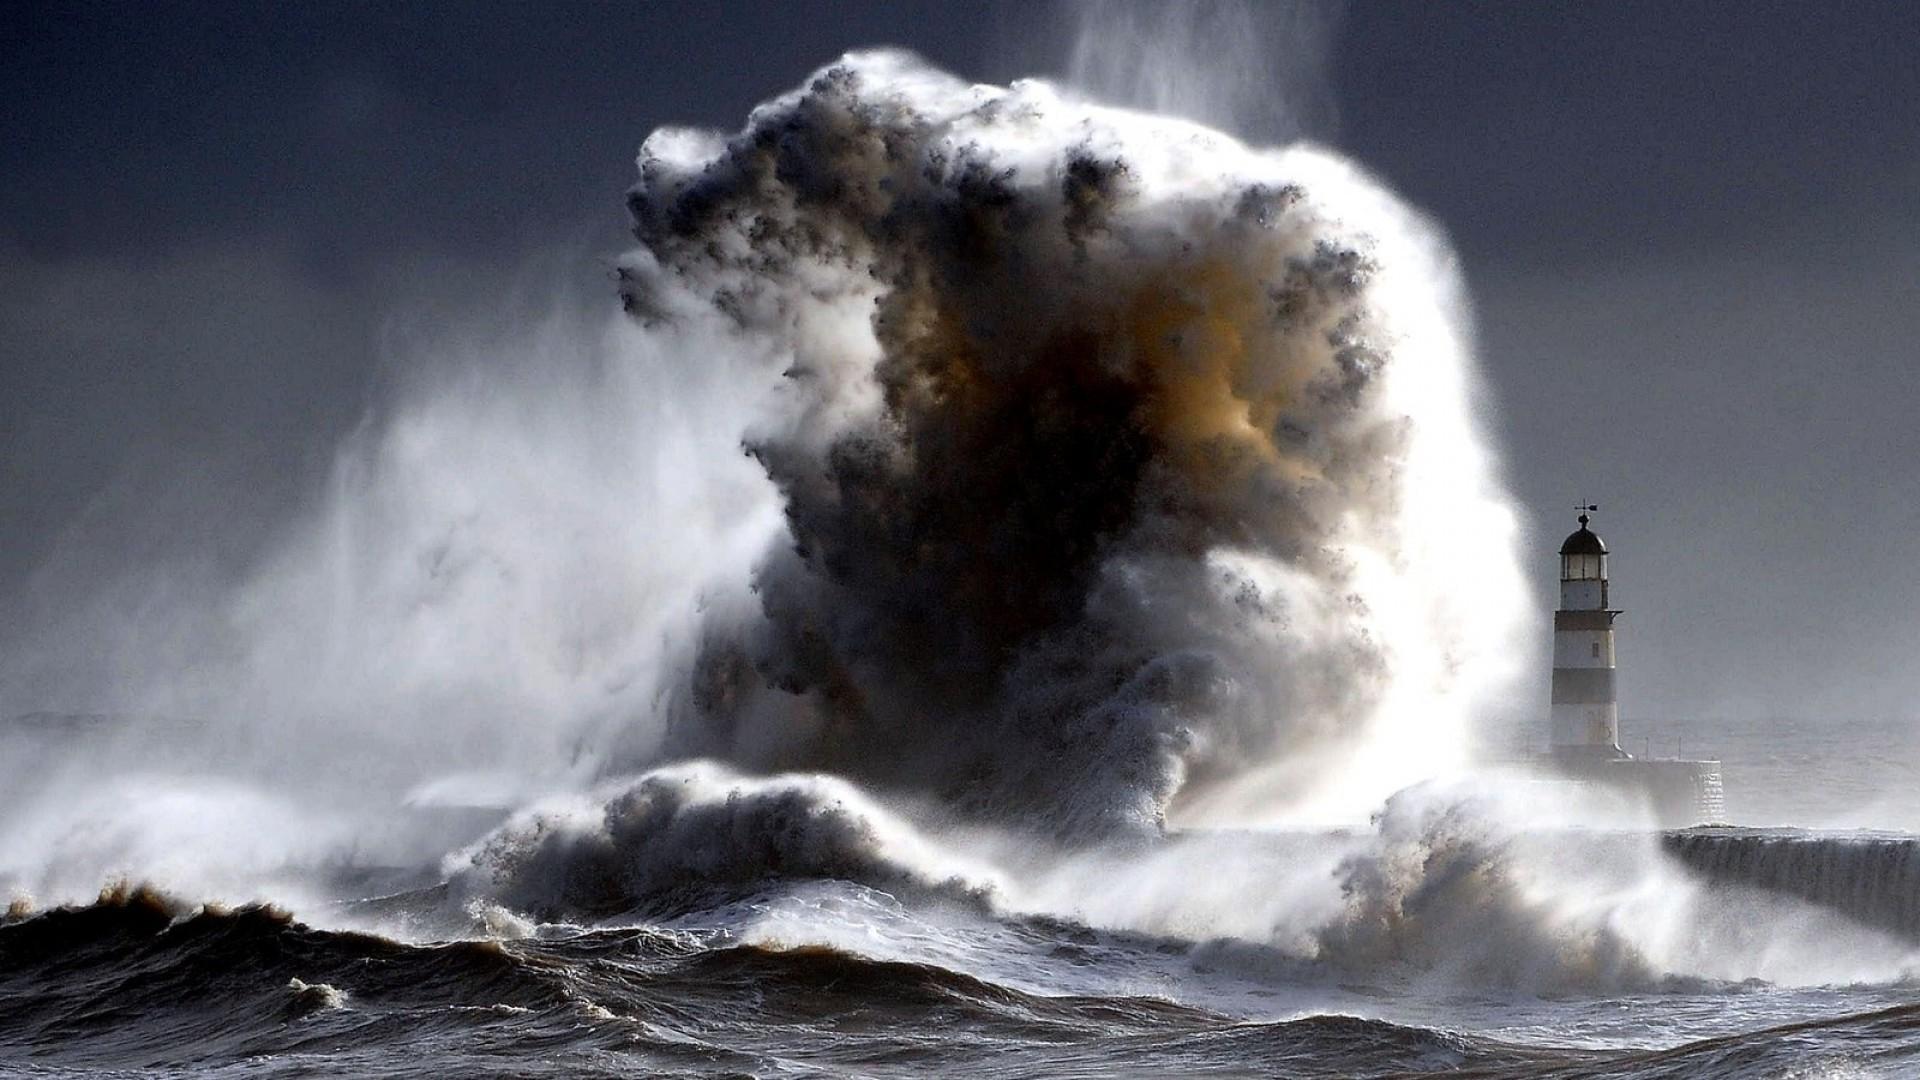 气象服务,添加好友,台风预警,第三方,卫星电话 天气+我要航海网-航海气象服务平台招募内测船长 lighthouses-mighty-wave-crashing-offshore-lighthouse-surf-waves-spray-sea-storm-.jpg